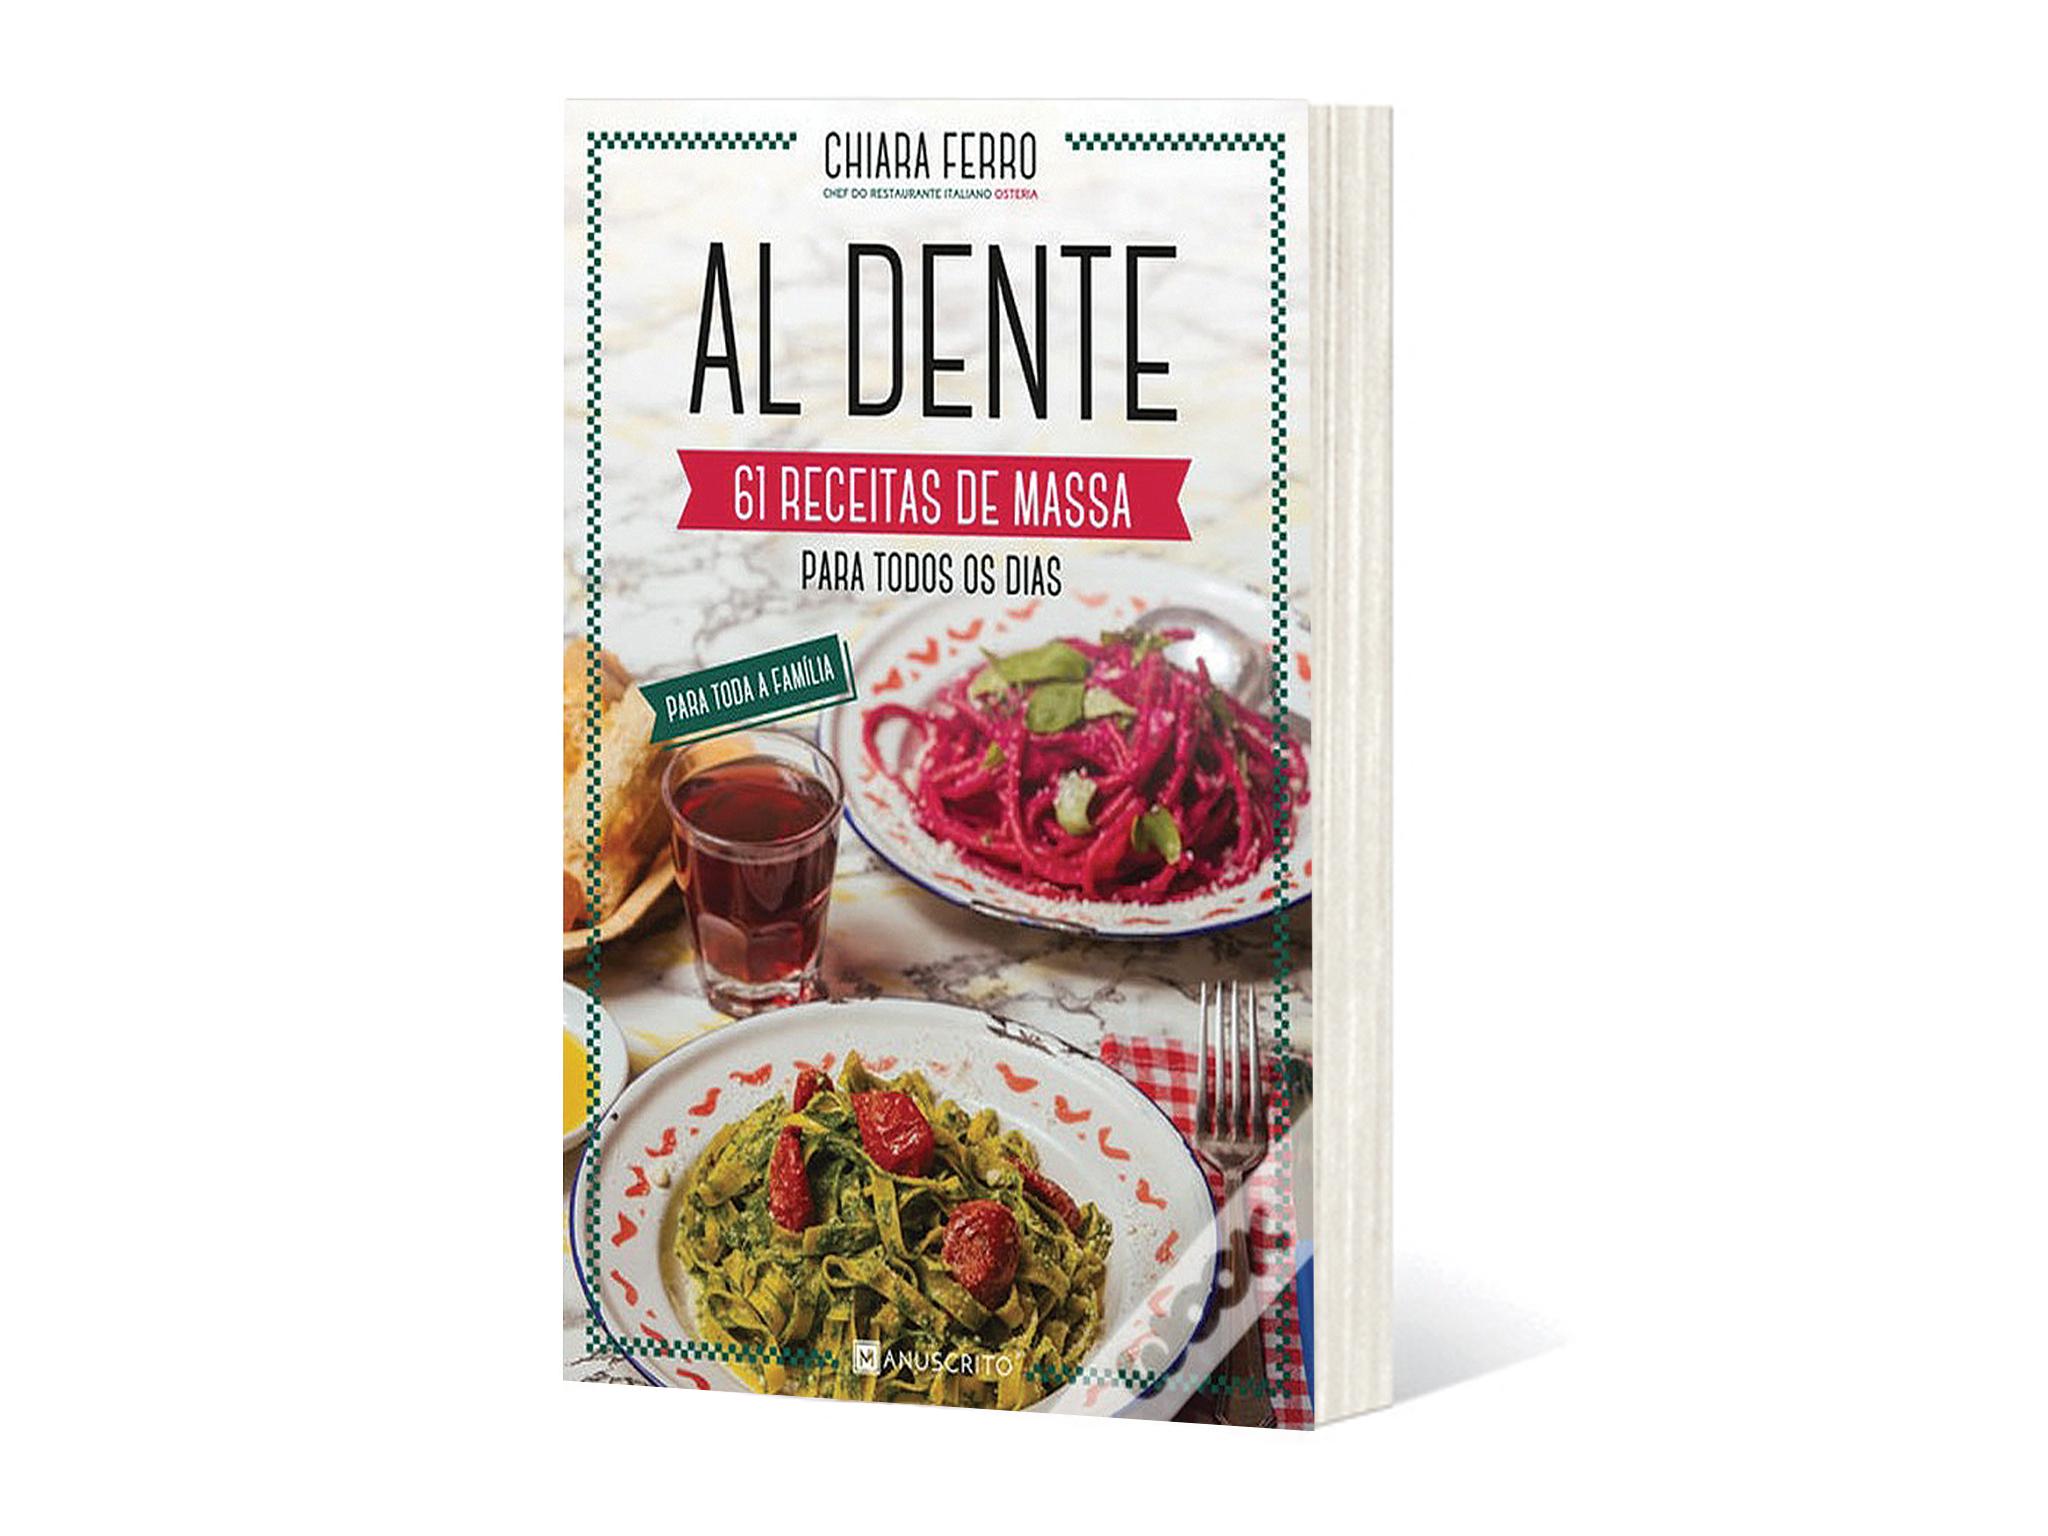 Al Dente - Chira Ferra